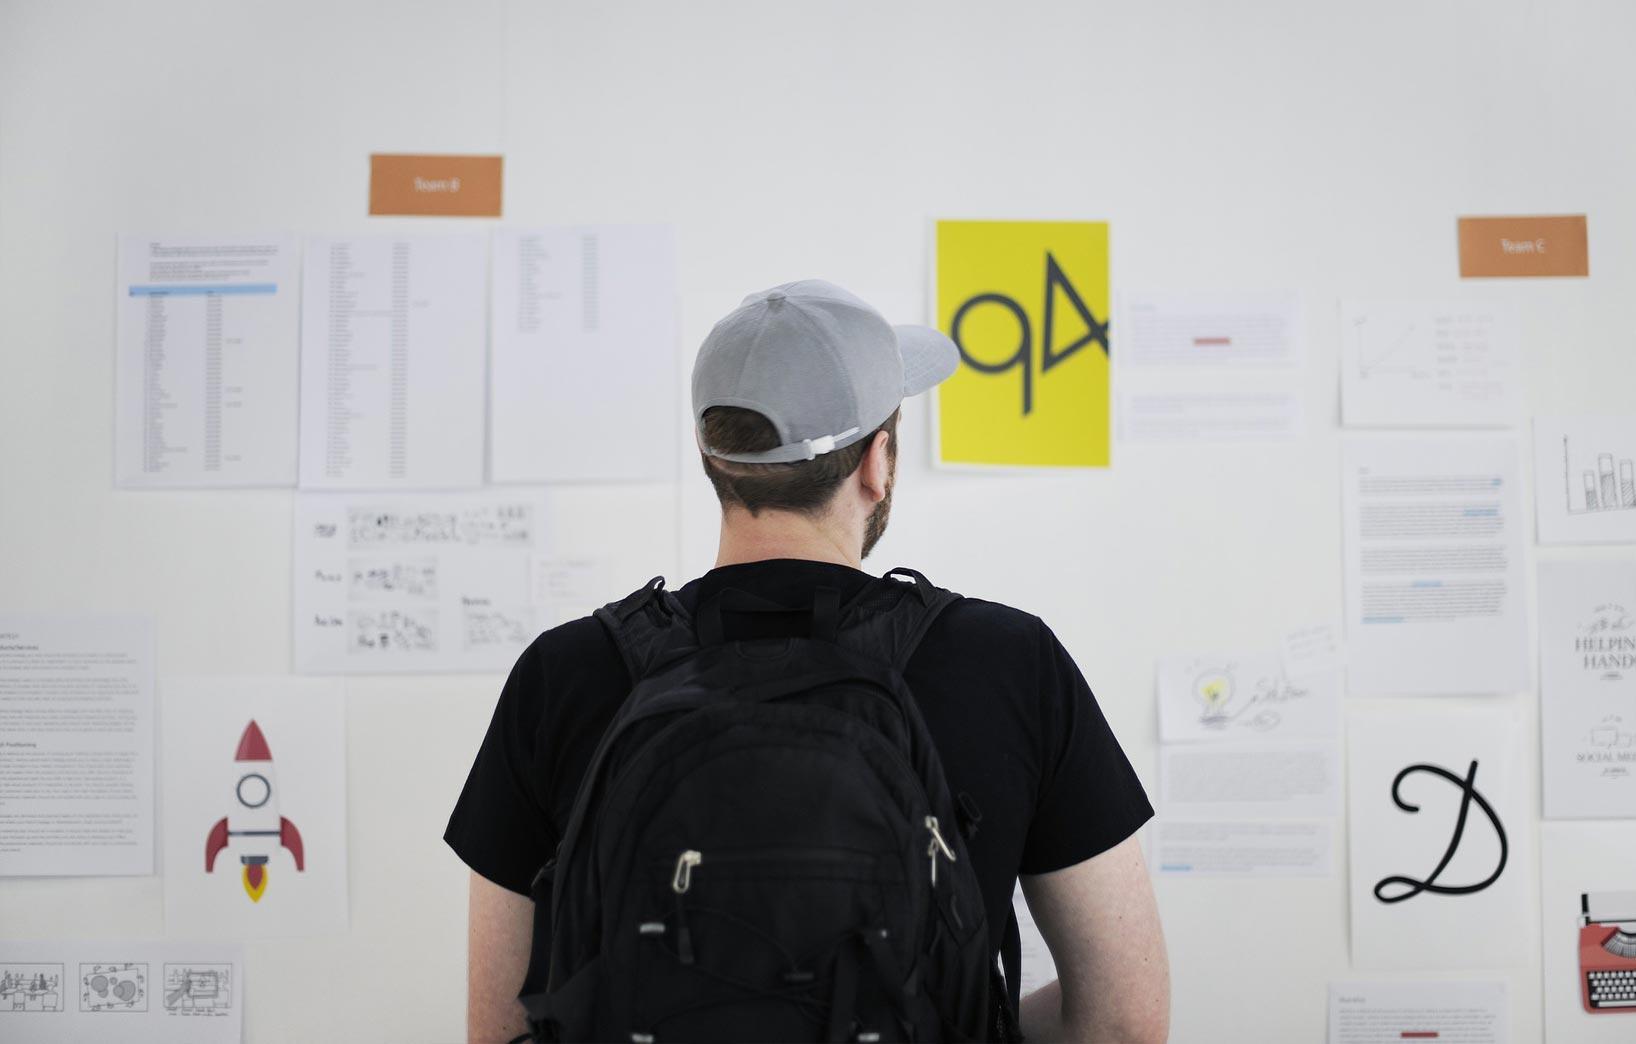 мужчина перед стендом с информацией